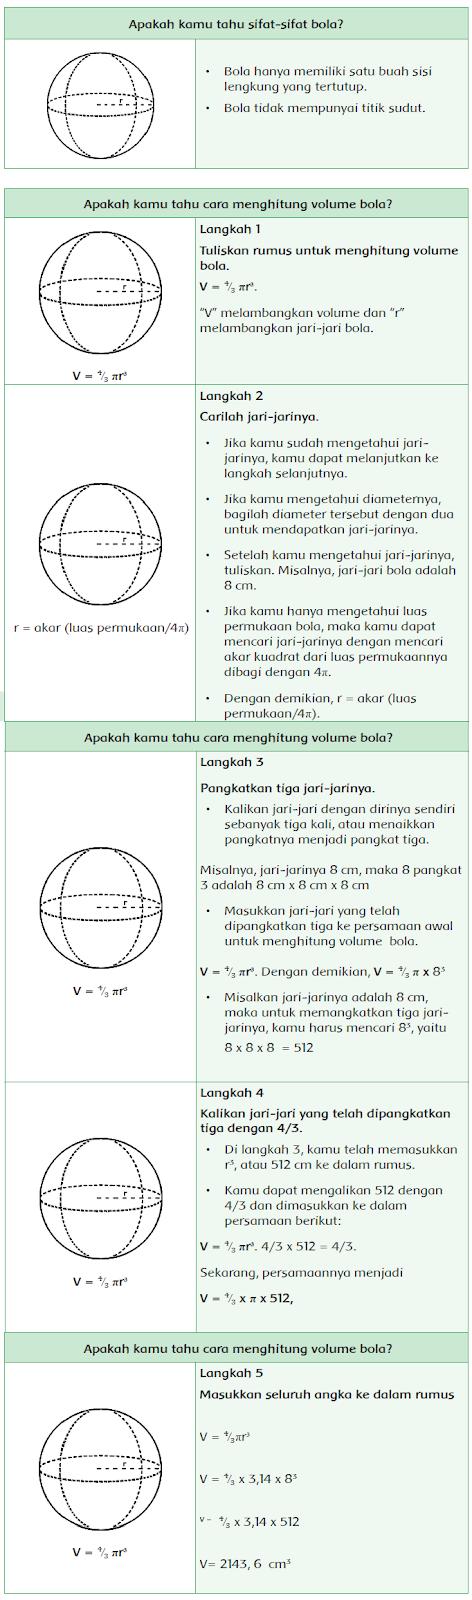 Kunci Jawaban Tematik Tema 5 Kelas 6 Halaman 165, 168, 169, 170 Kurikulum 2013